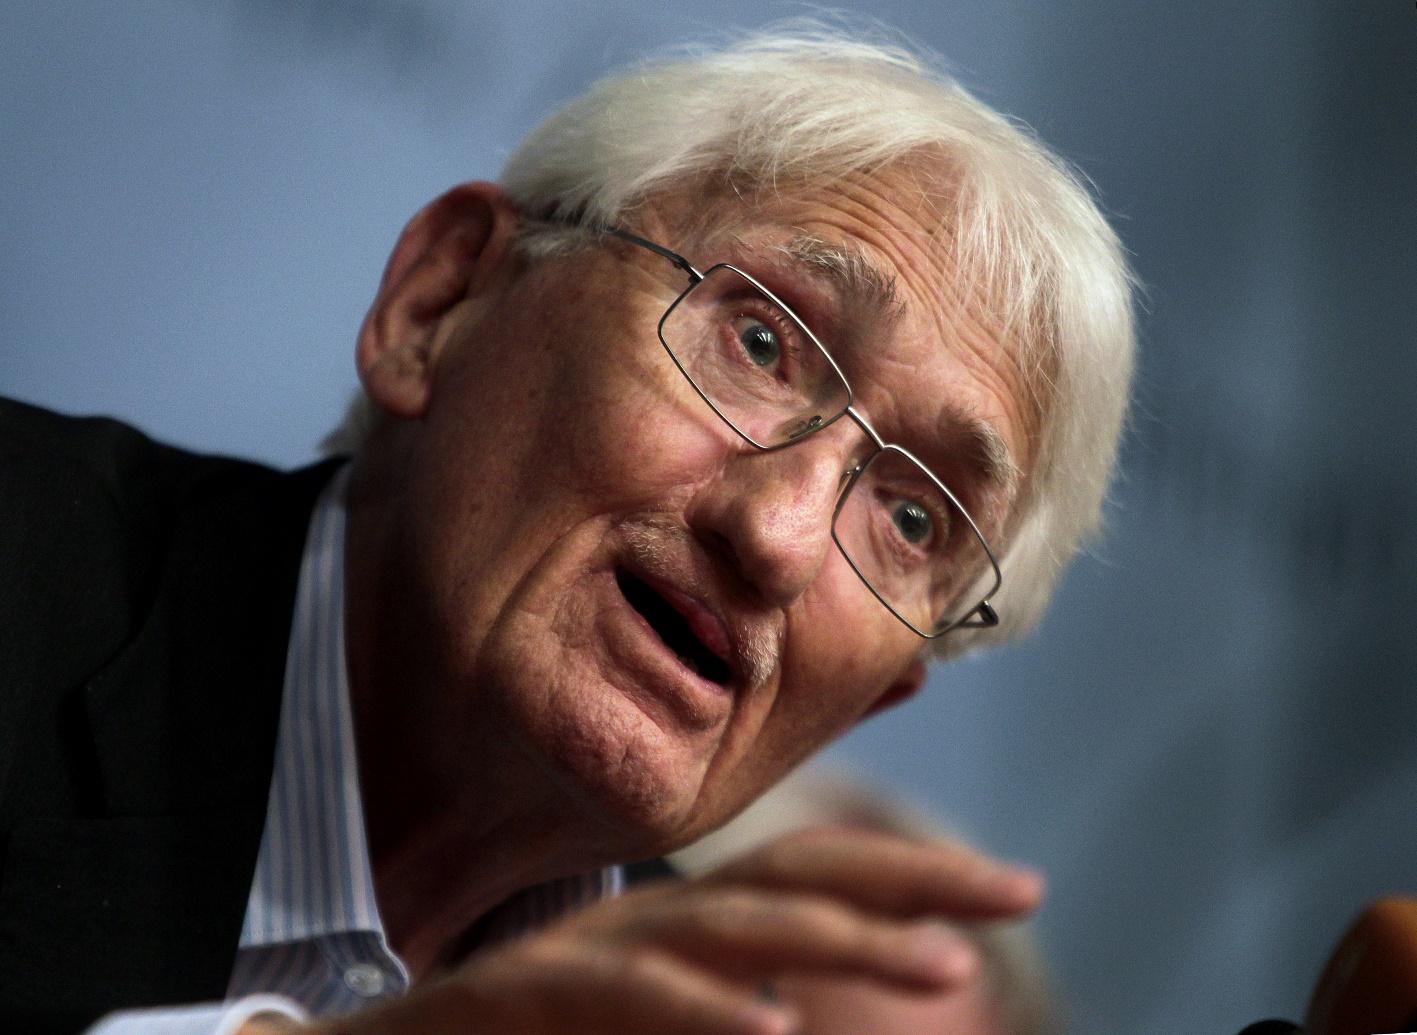 Χάμπερμας: «Η έξοδος της Ελλάδας από το ευρώ δεν είναι λύση»